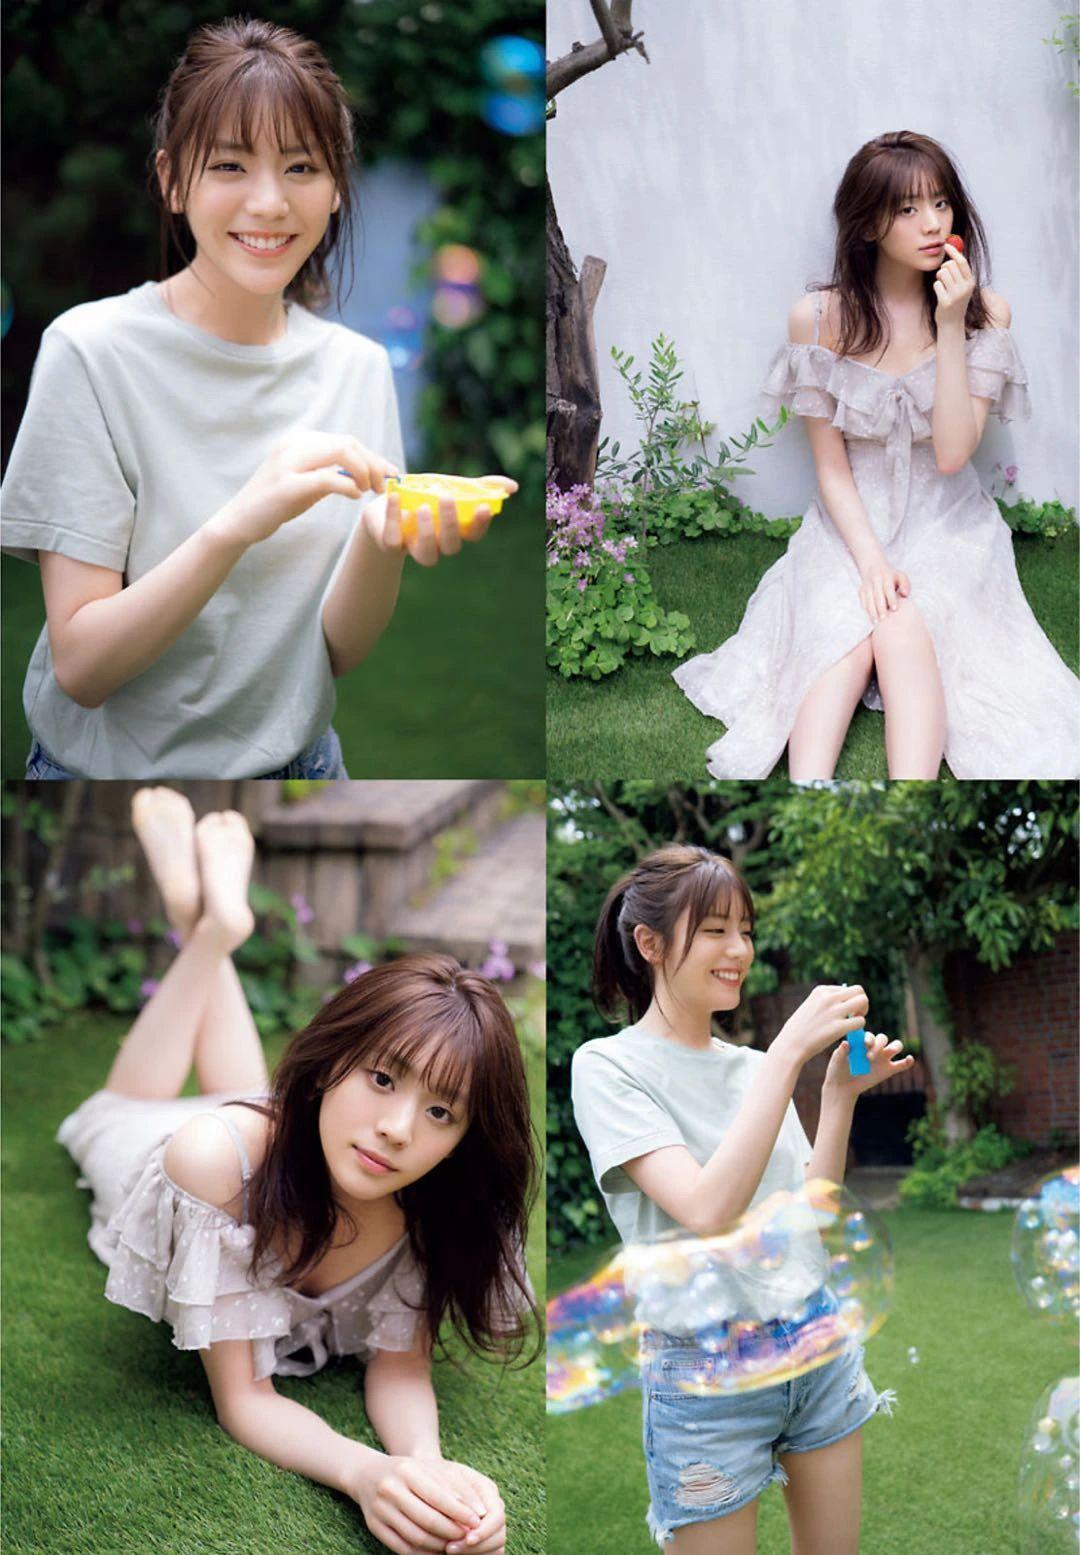 甜美无比的天气女郎贵岛明日香写真作品 (27)